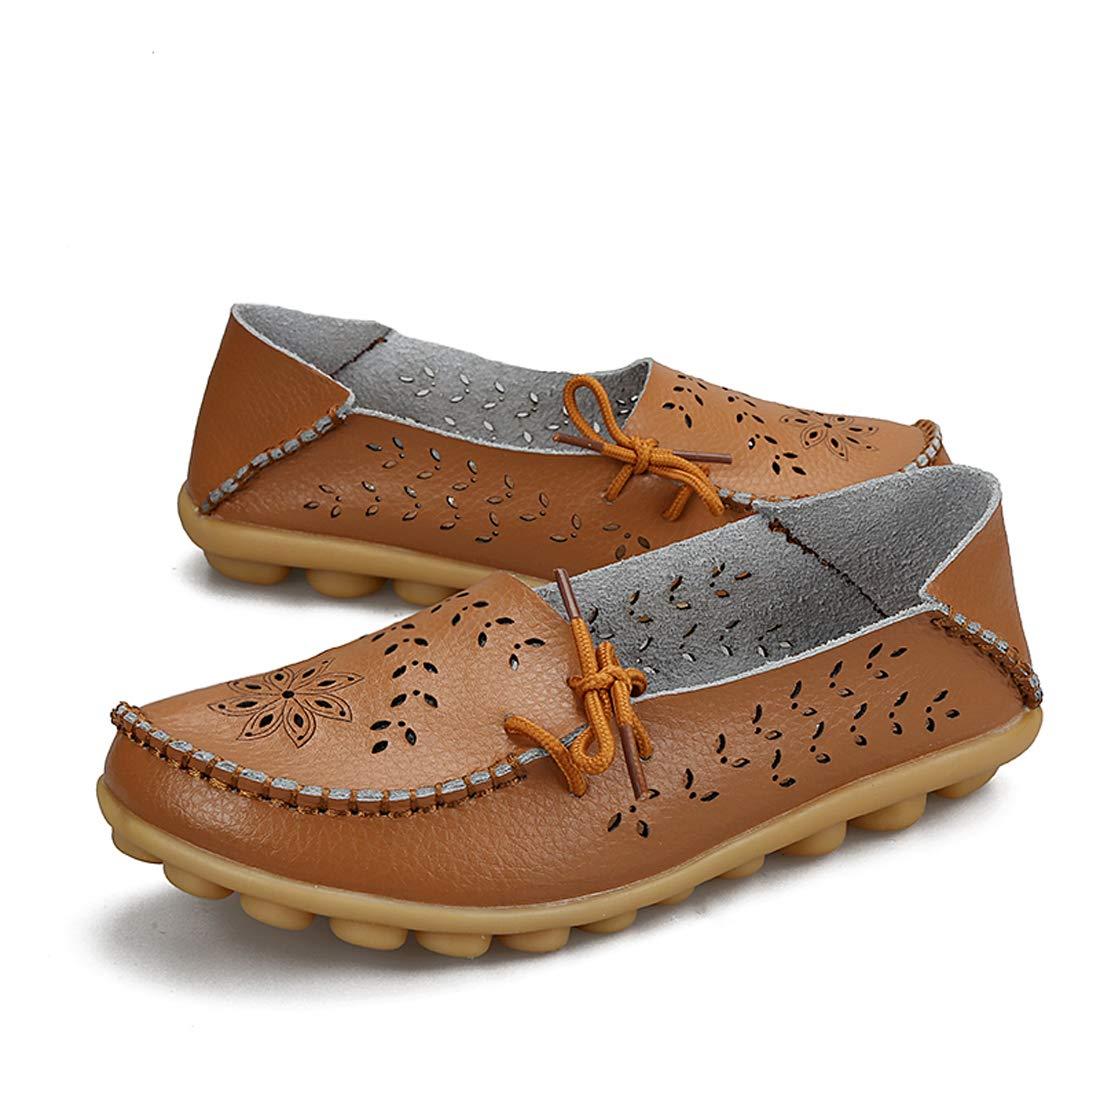 SERAPH 911-2 Mujeres Casual Hueco-Out Mocasines Zapatos Planos Cinturón Mocasines Zapatos De Barco: Amazon.es: Ropa y accesorios